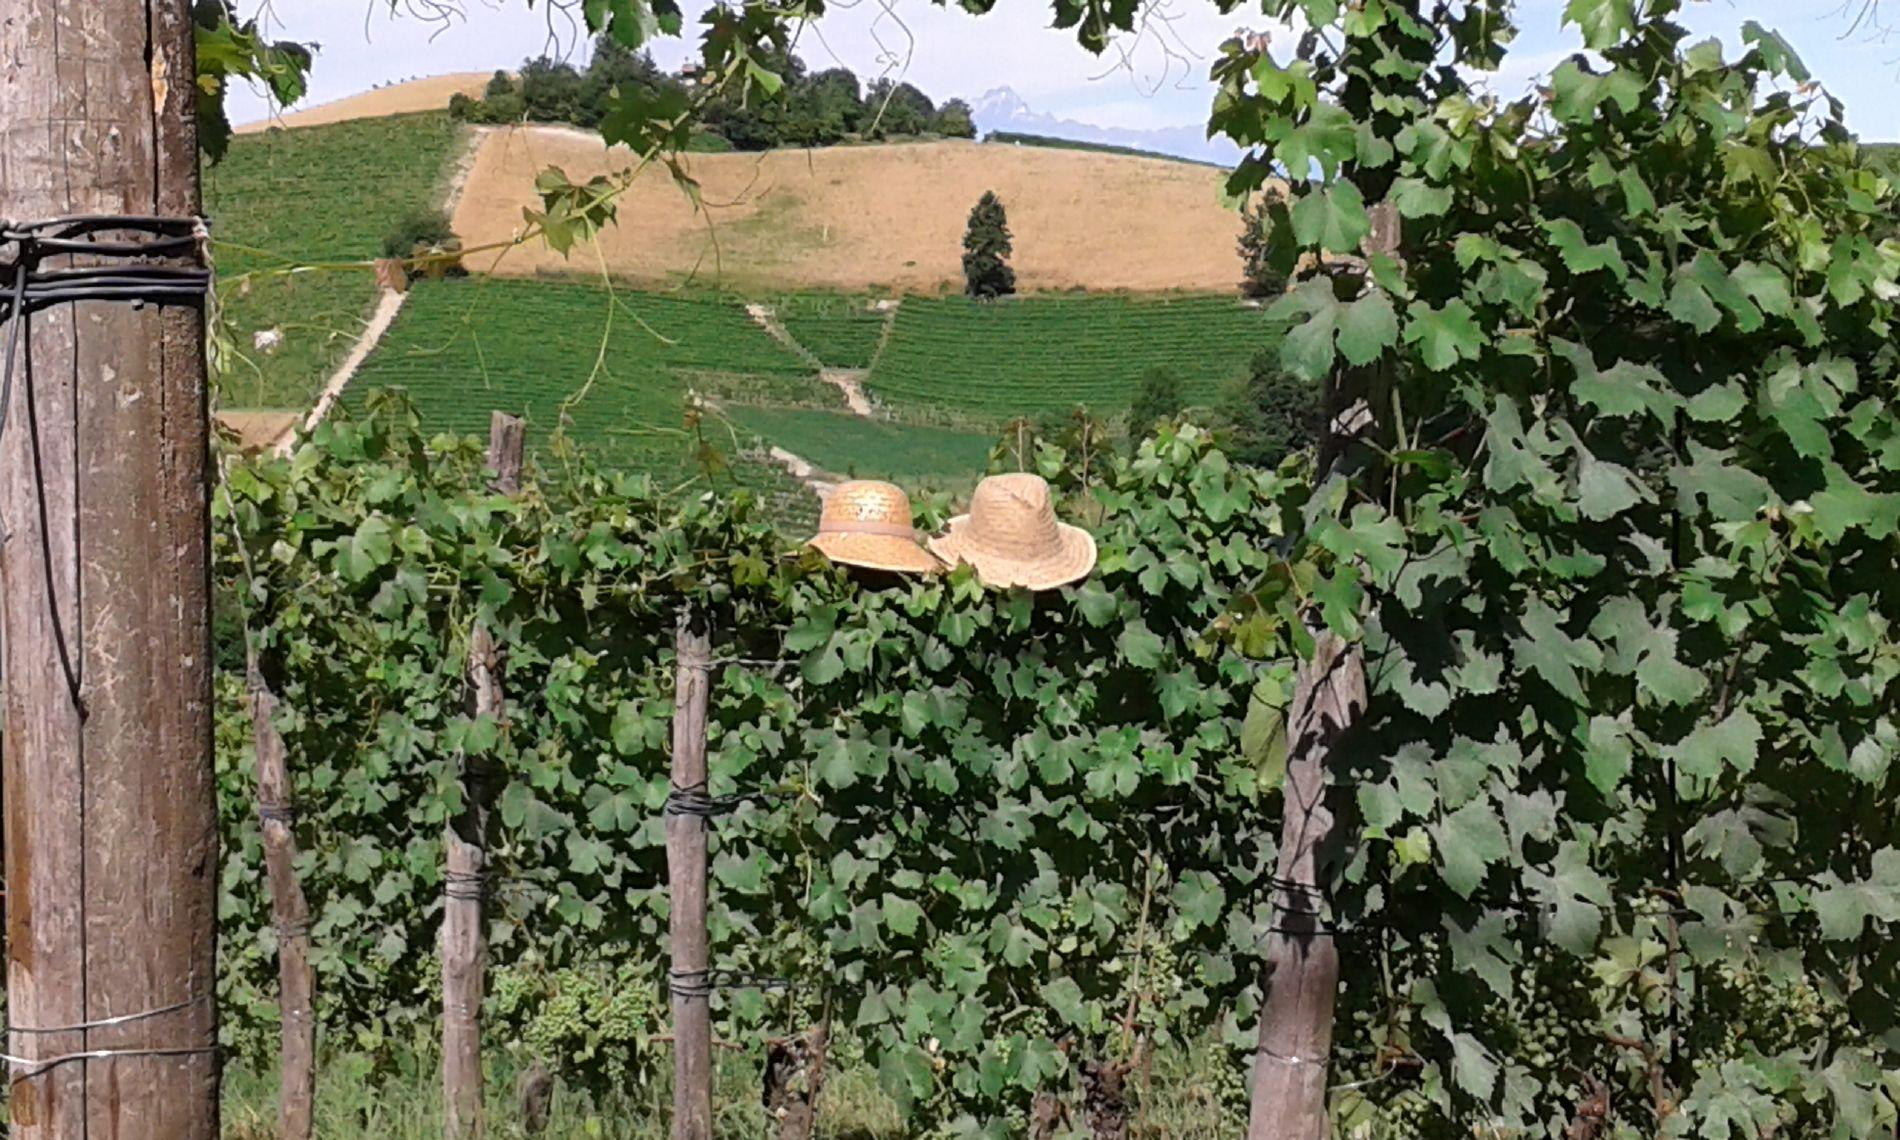 Barovero vigne cappelli